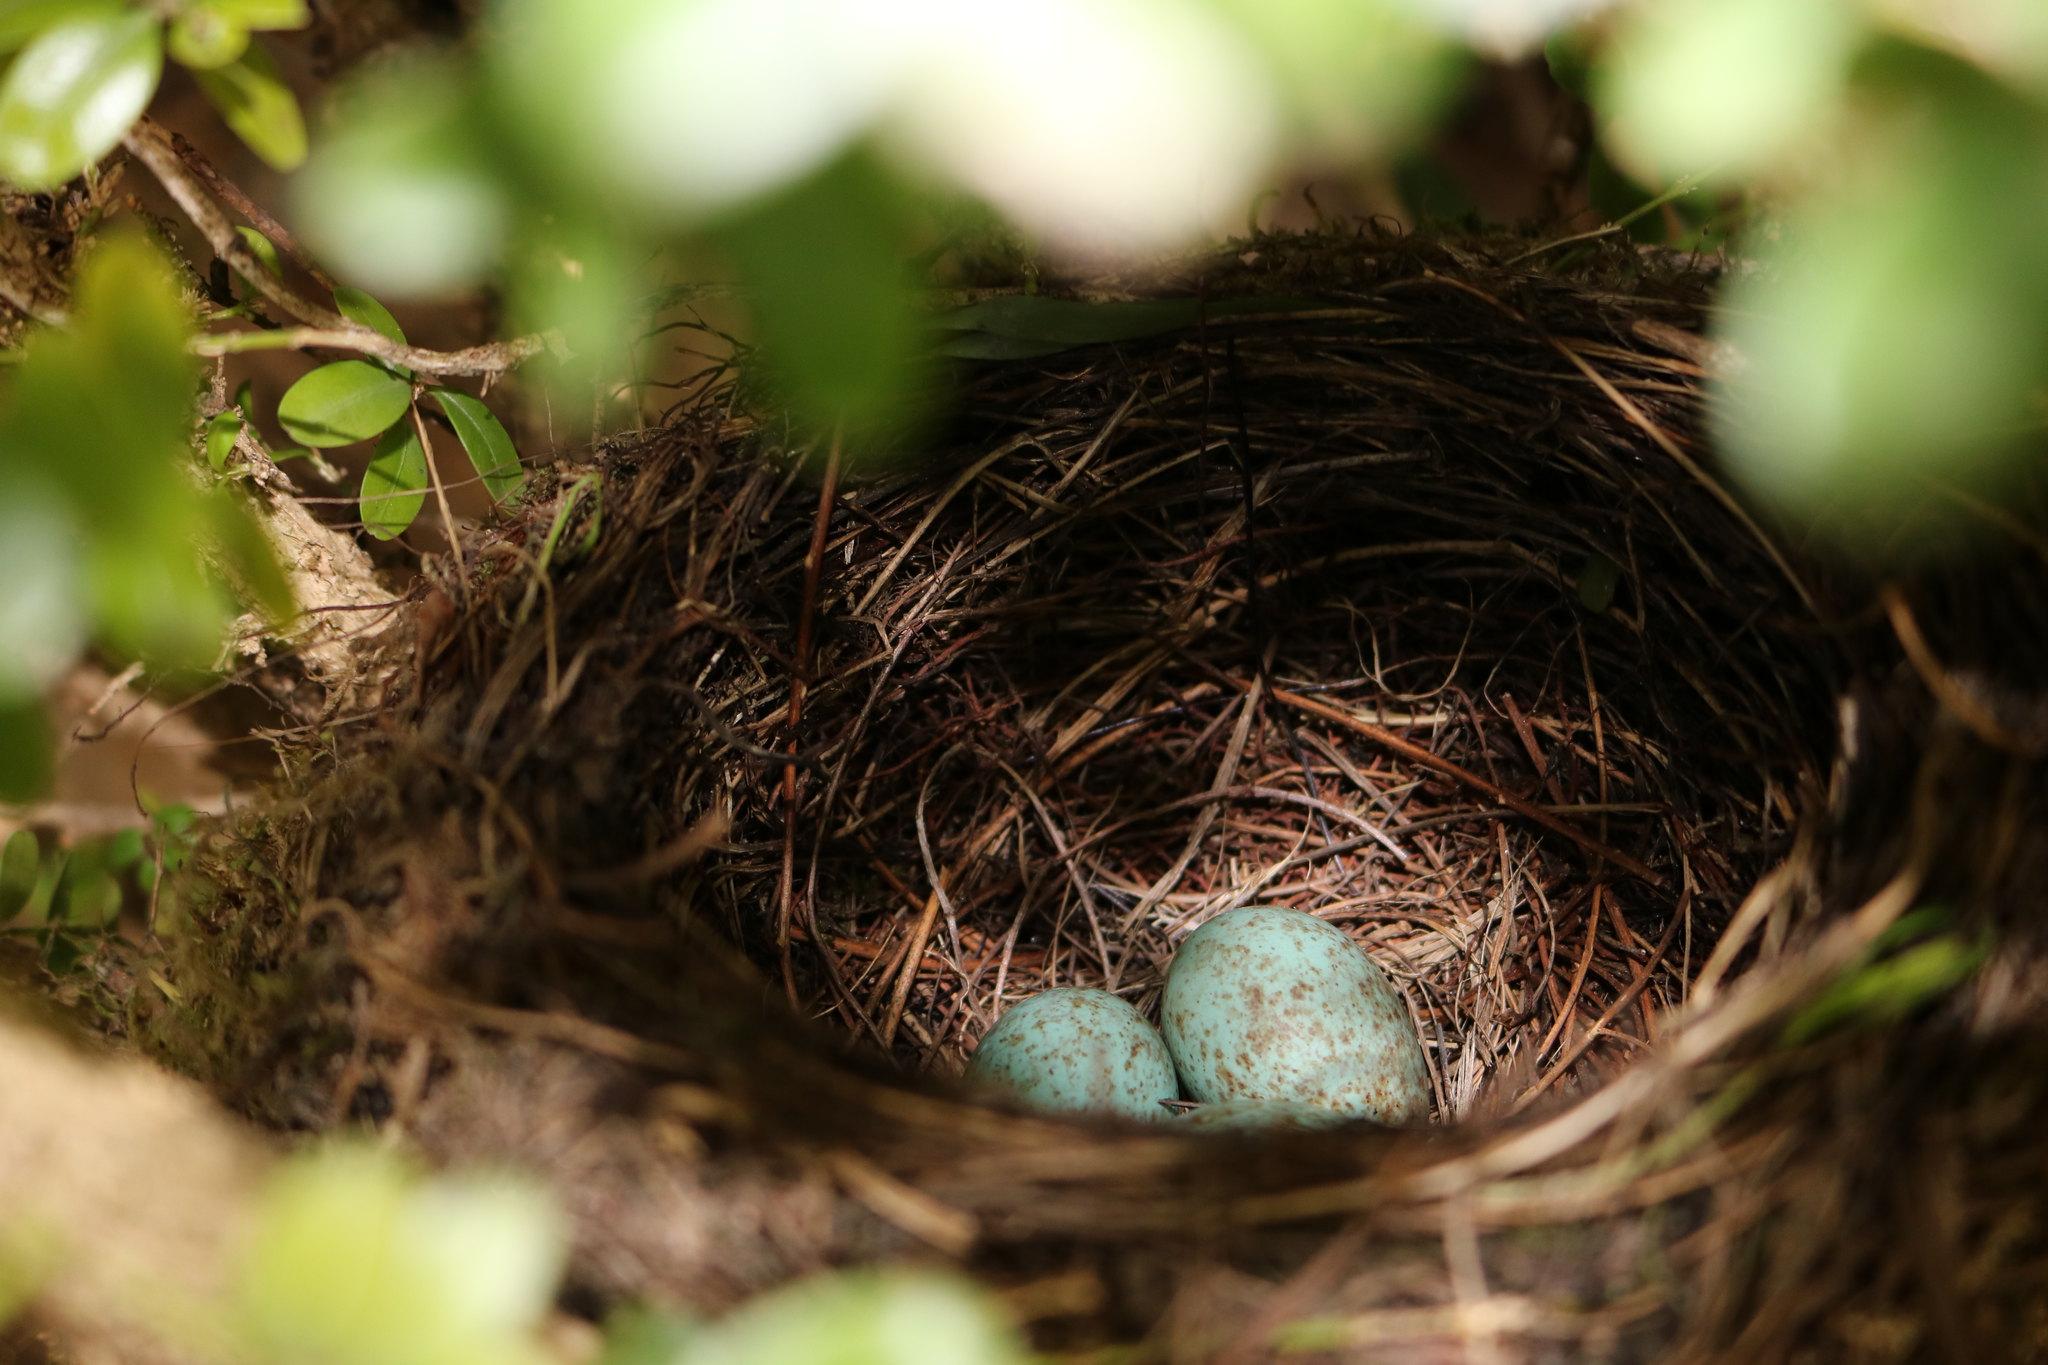 nidification © OlivierCecillon (flickr)